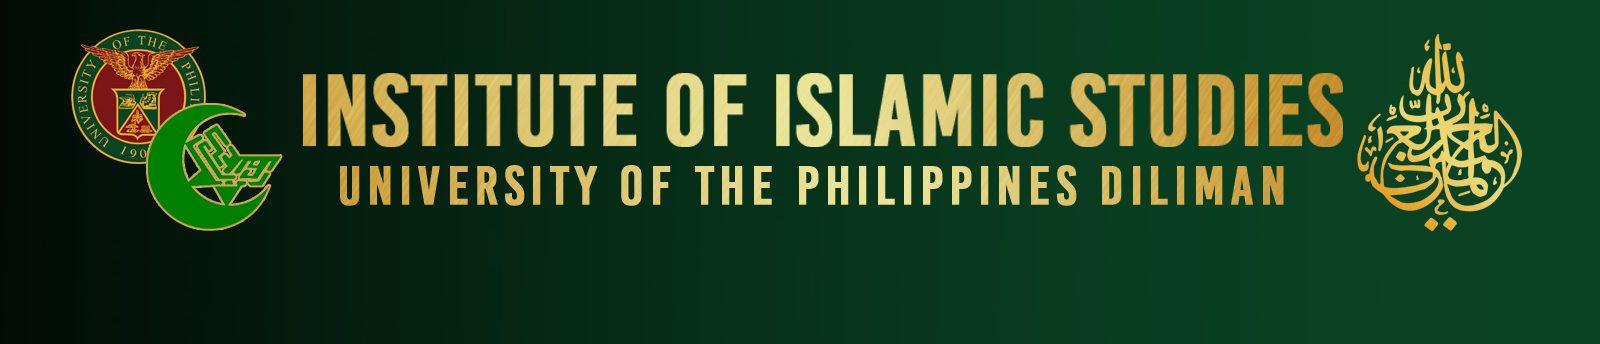 Institute of Islamic Studies, University of the Philippines